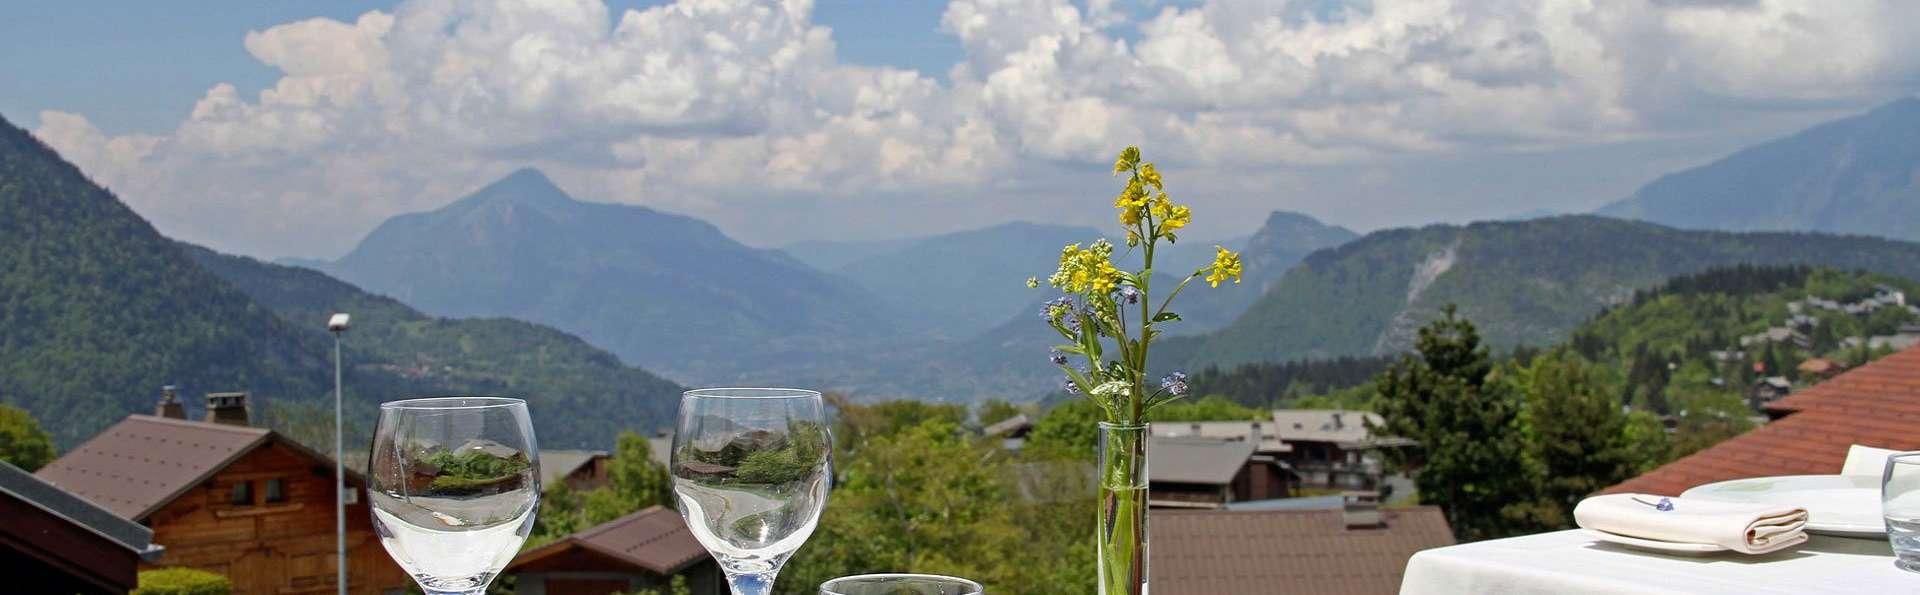 Escapade romantique avec dîner au coeur des Alpes